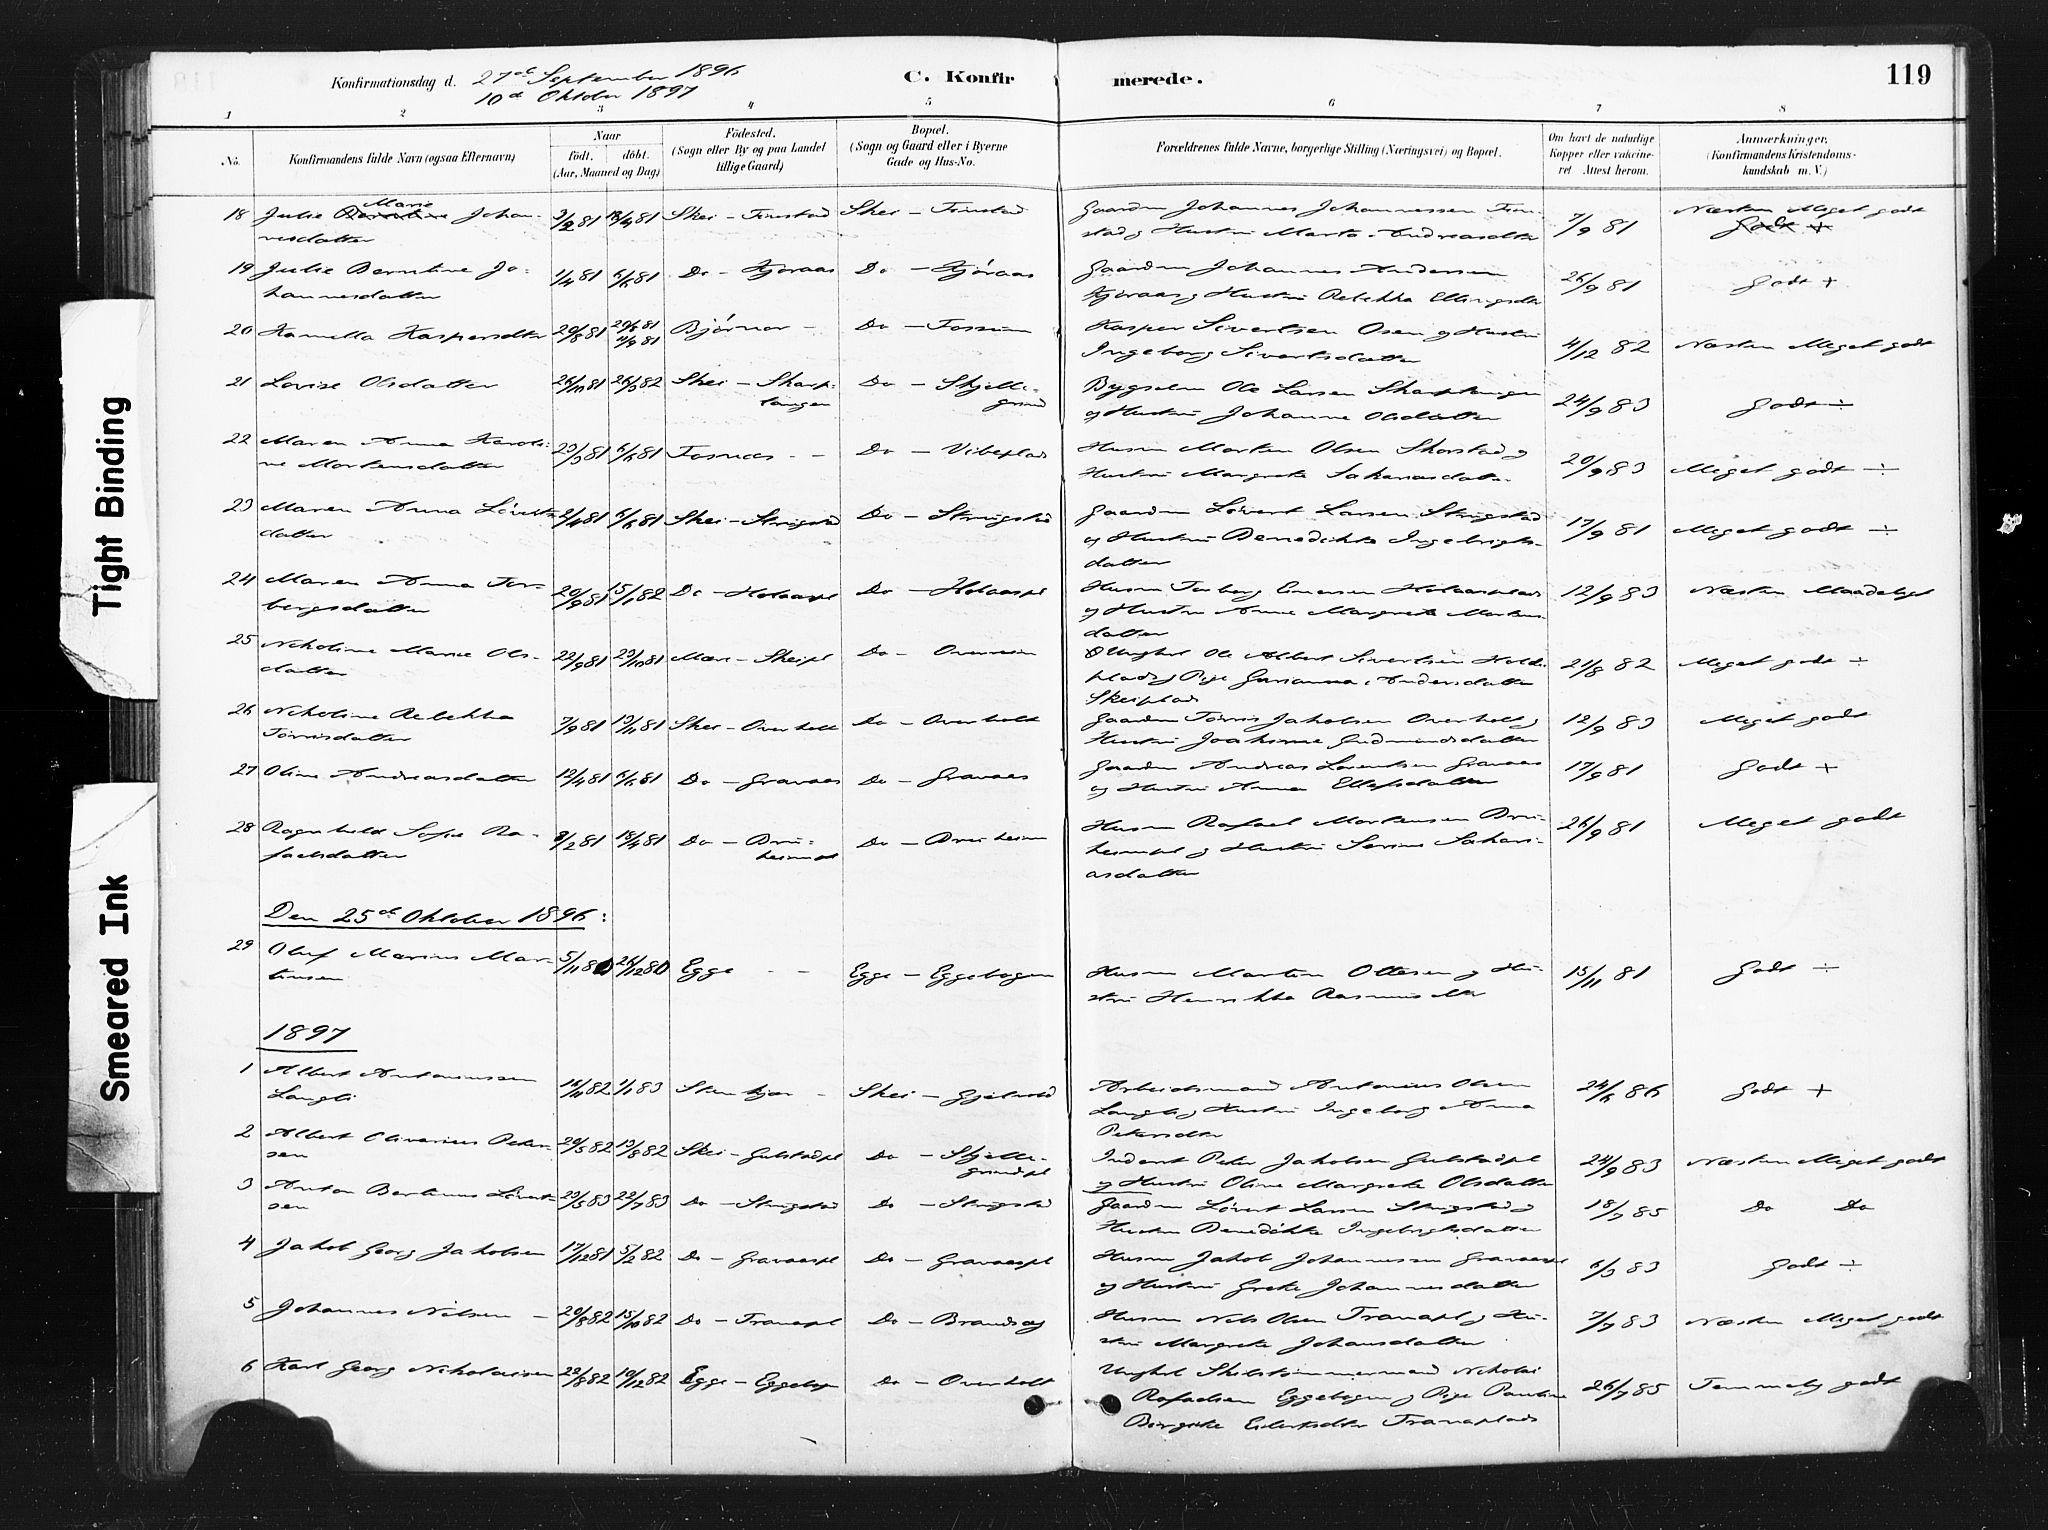 SAT, Ministerialprotokoller, klokkerbøker og fødselsregistre - Nord-Trøndelag, 736/L0361: Ministerialbok nr. 736A01, 1884-1906, s. 119